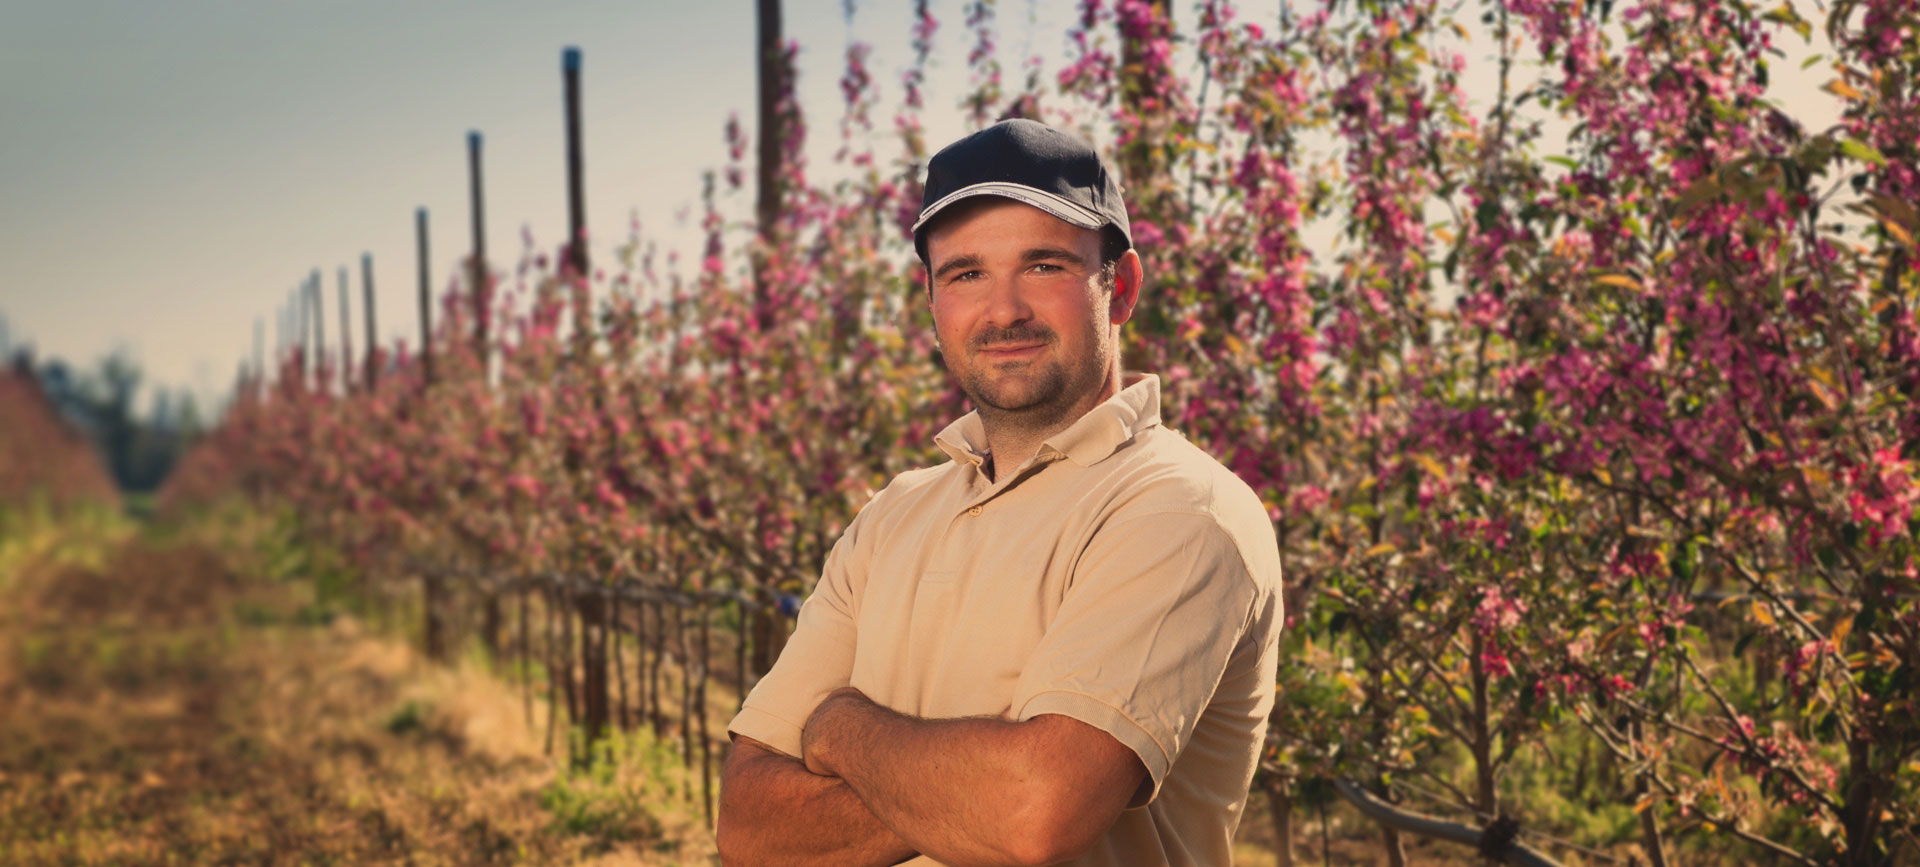 Aurélien Landeau, producteur de pommes bio pour le groupe terres du sud